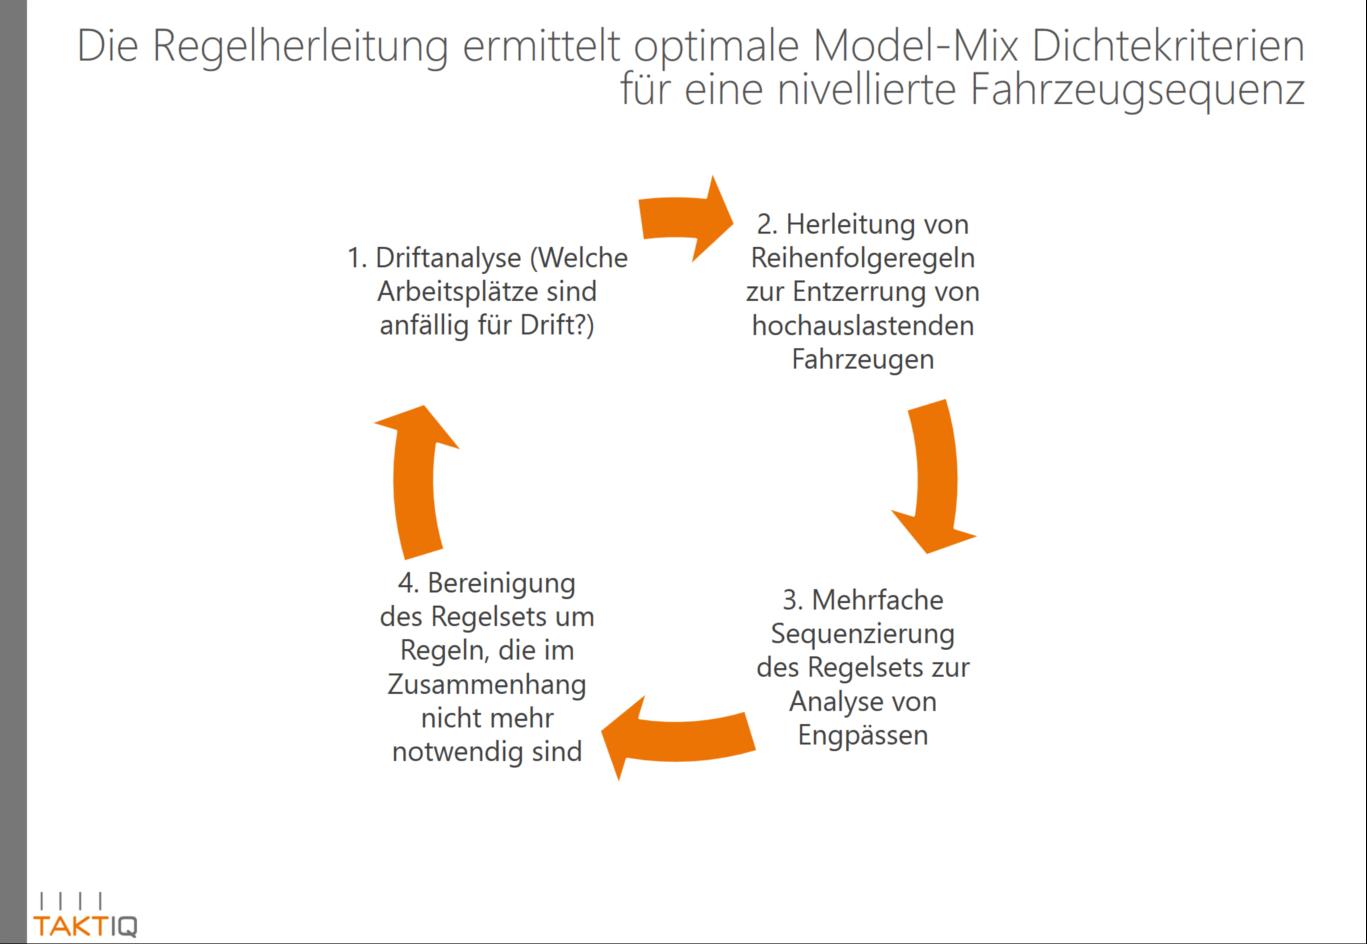 Regelherleitung mit Model-Mix Dichtekriterien